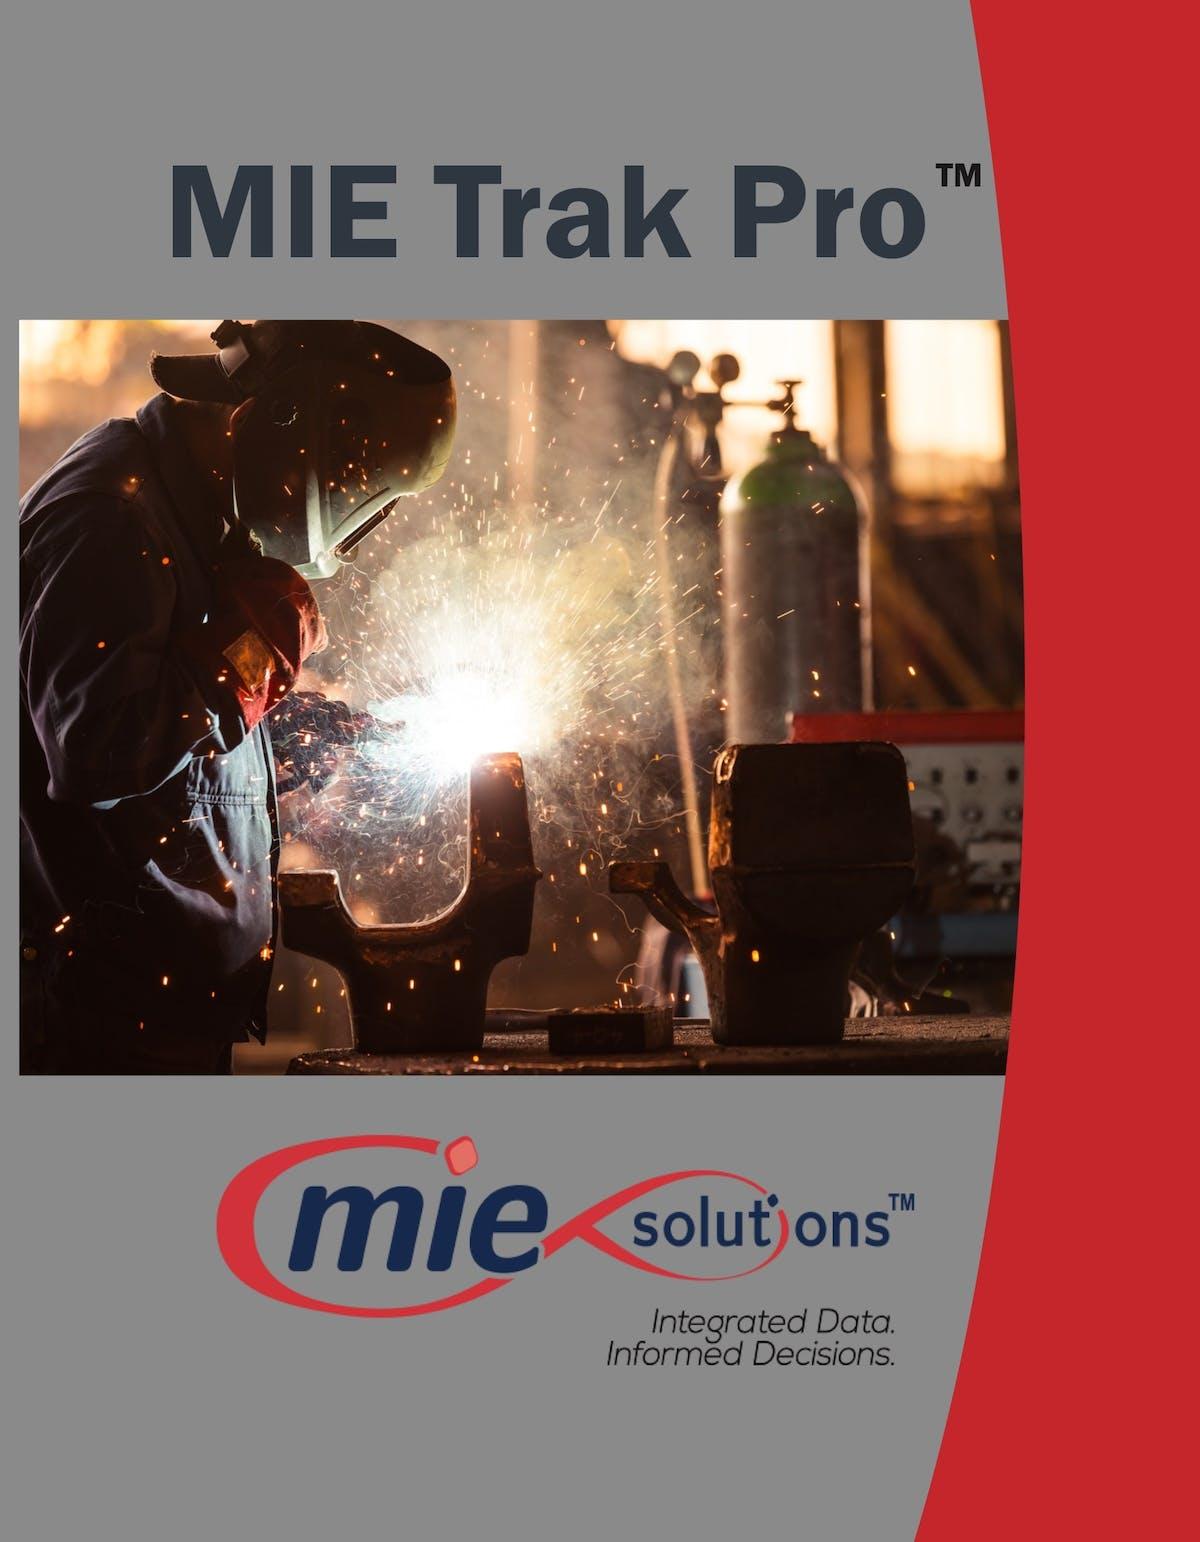 MIE Trak Pro White Paper - MIE Trak Pro